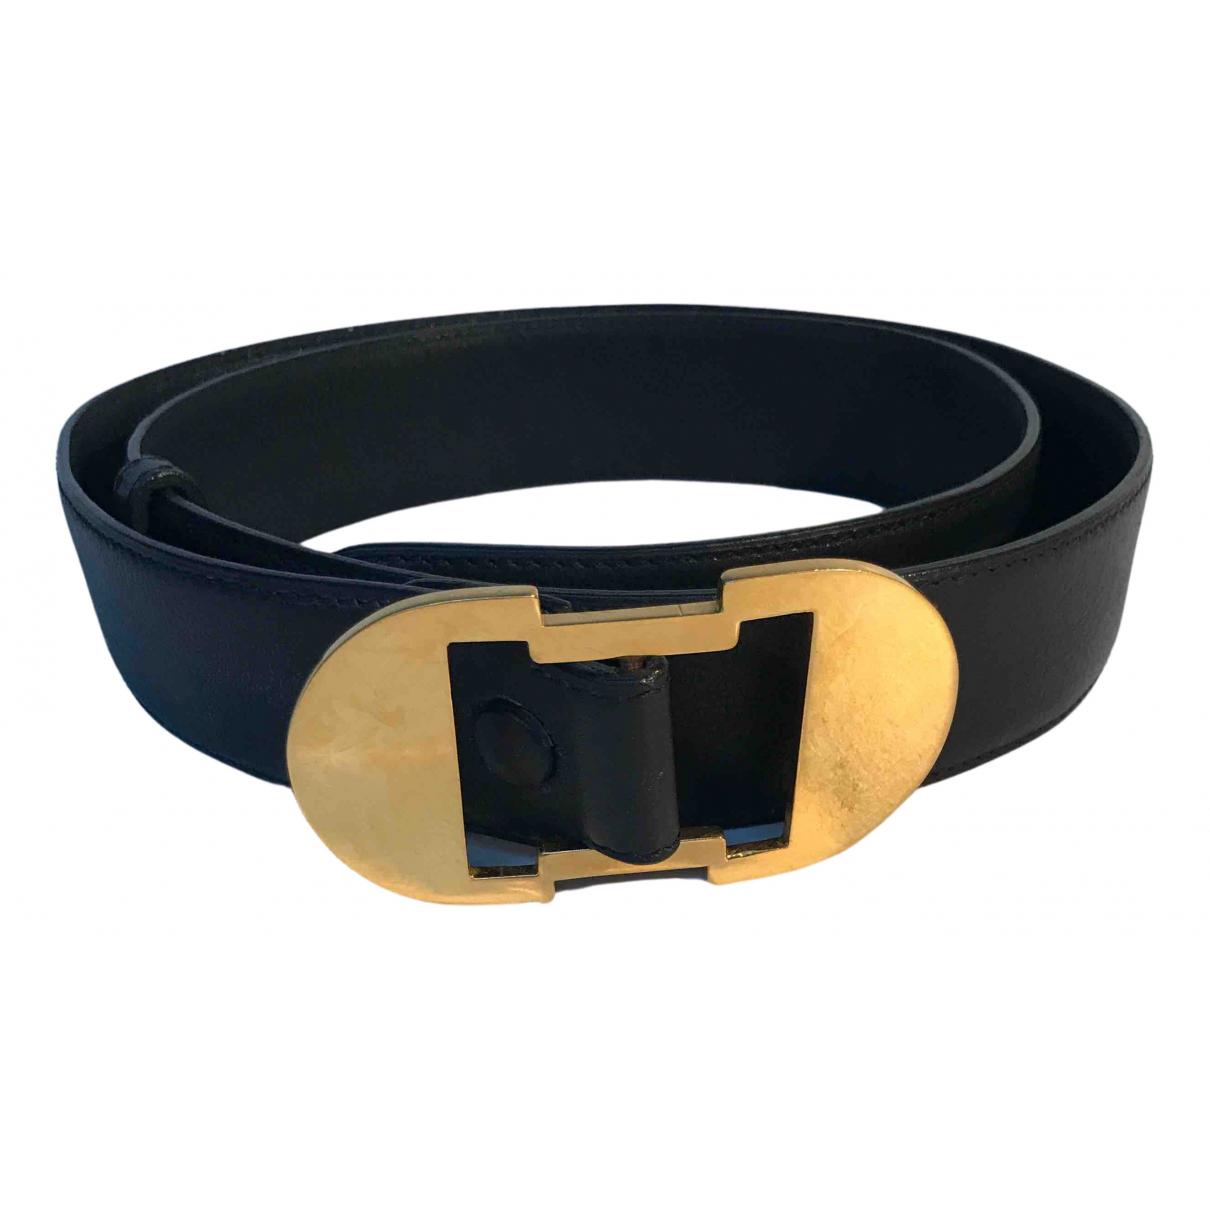 Delvaux N Black Leather belt for Women 90 cm